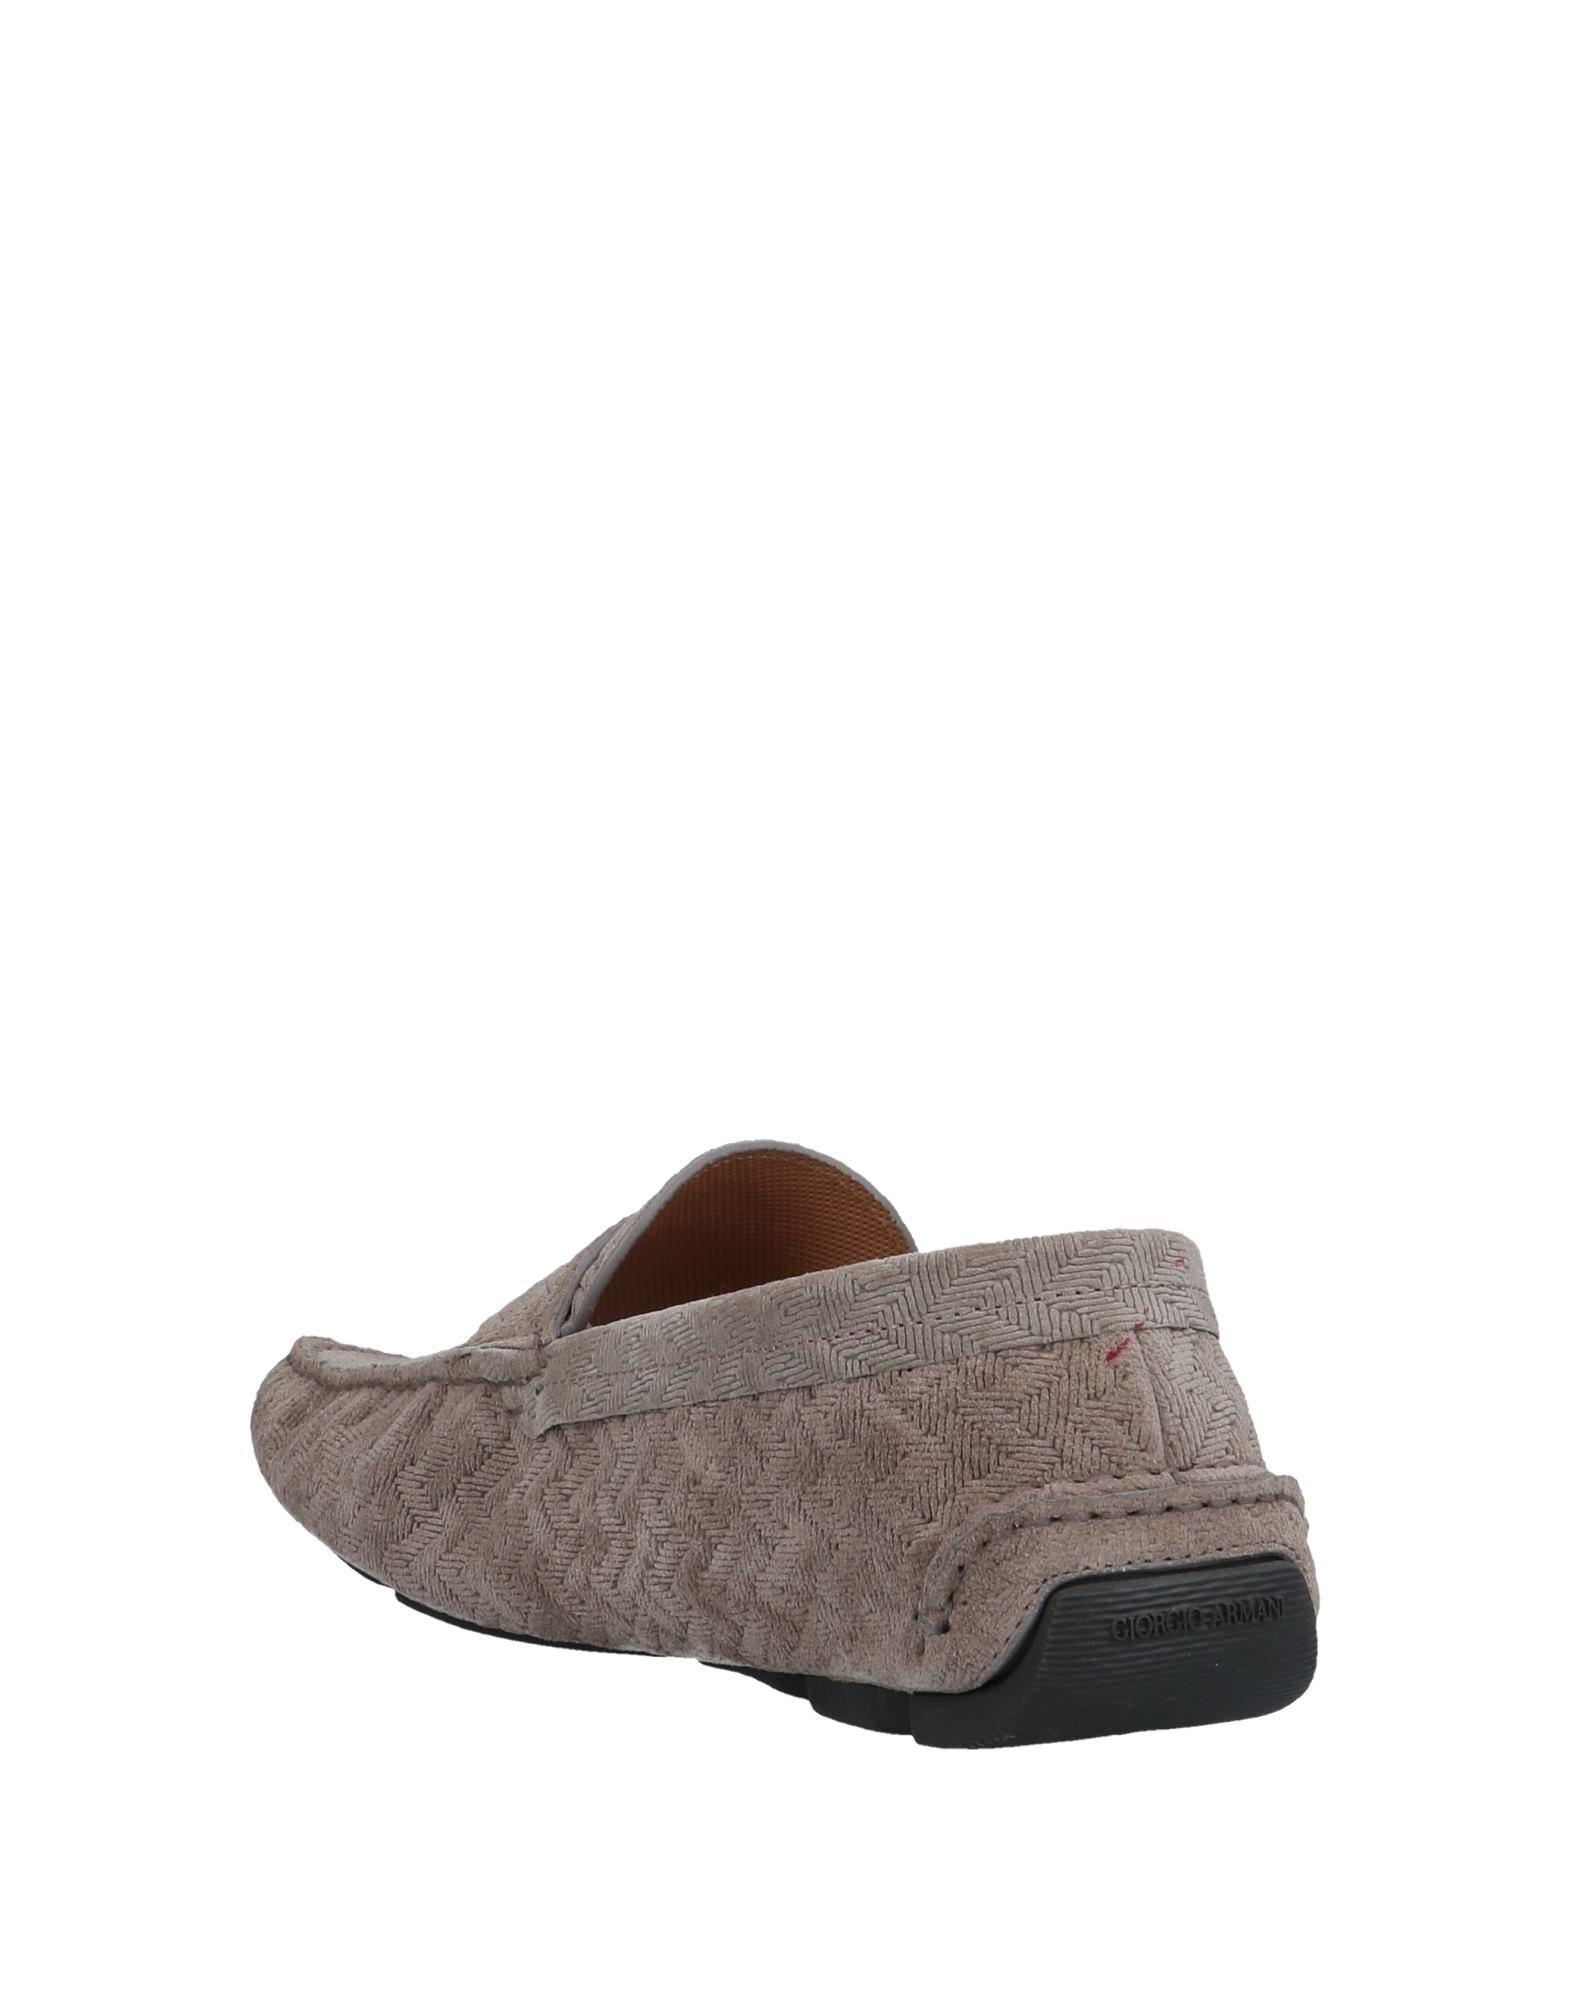 Giorgio Armani Mokassins Herren beliebte  11555562KW Gute Qualität beliebte Herren Schuhe 77668e